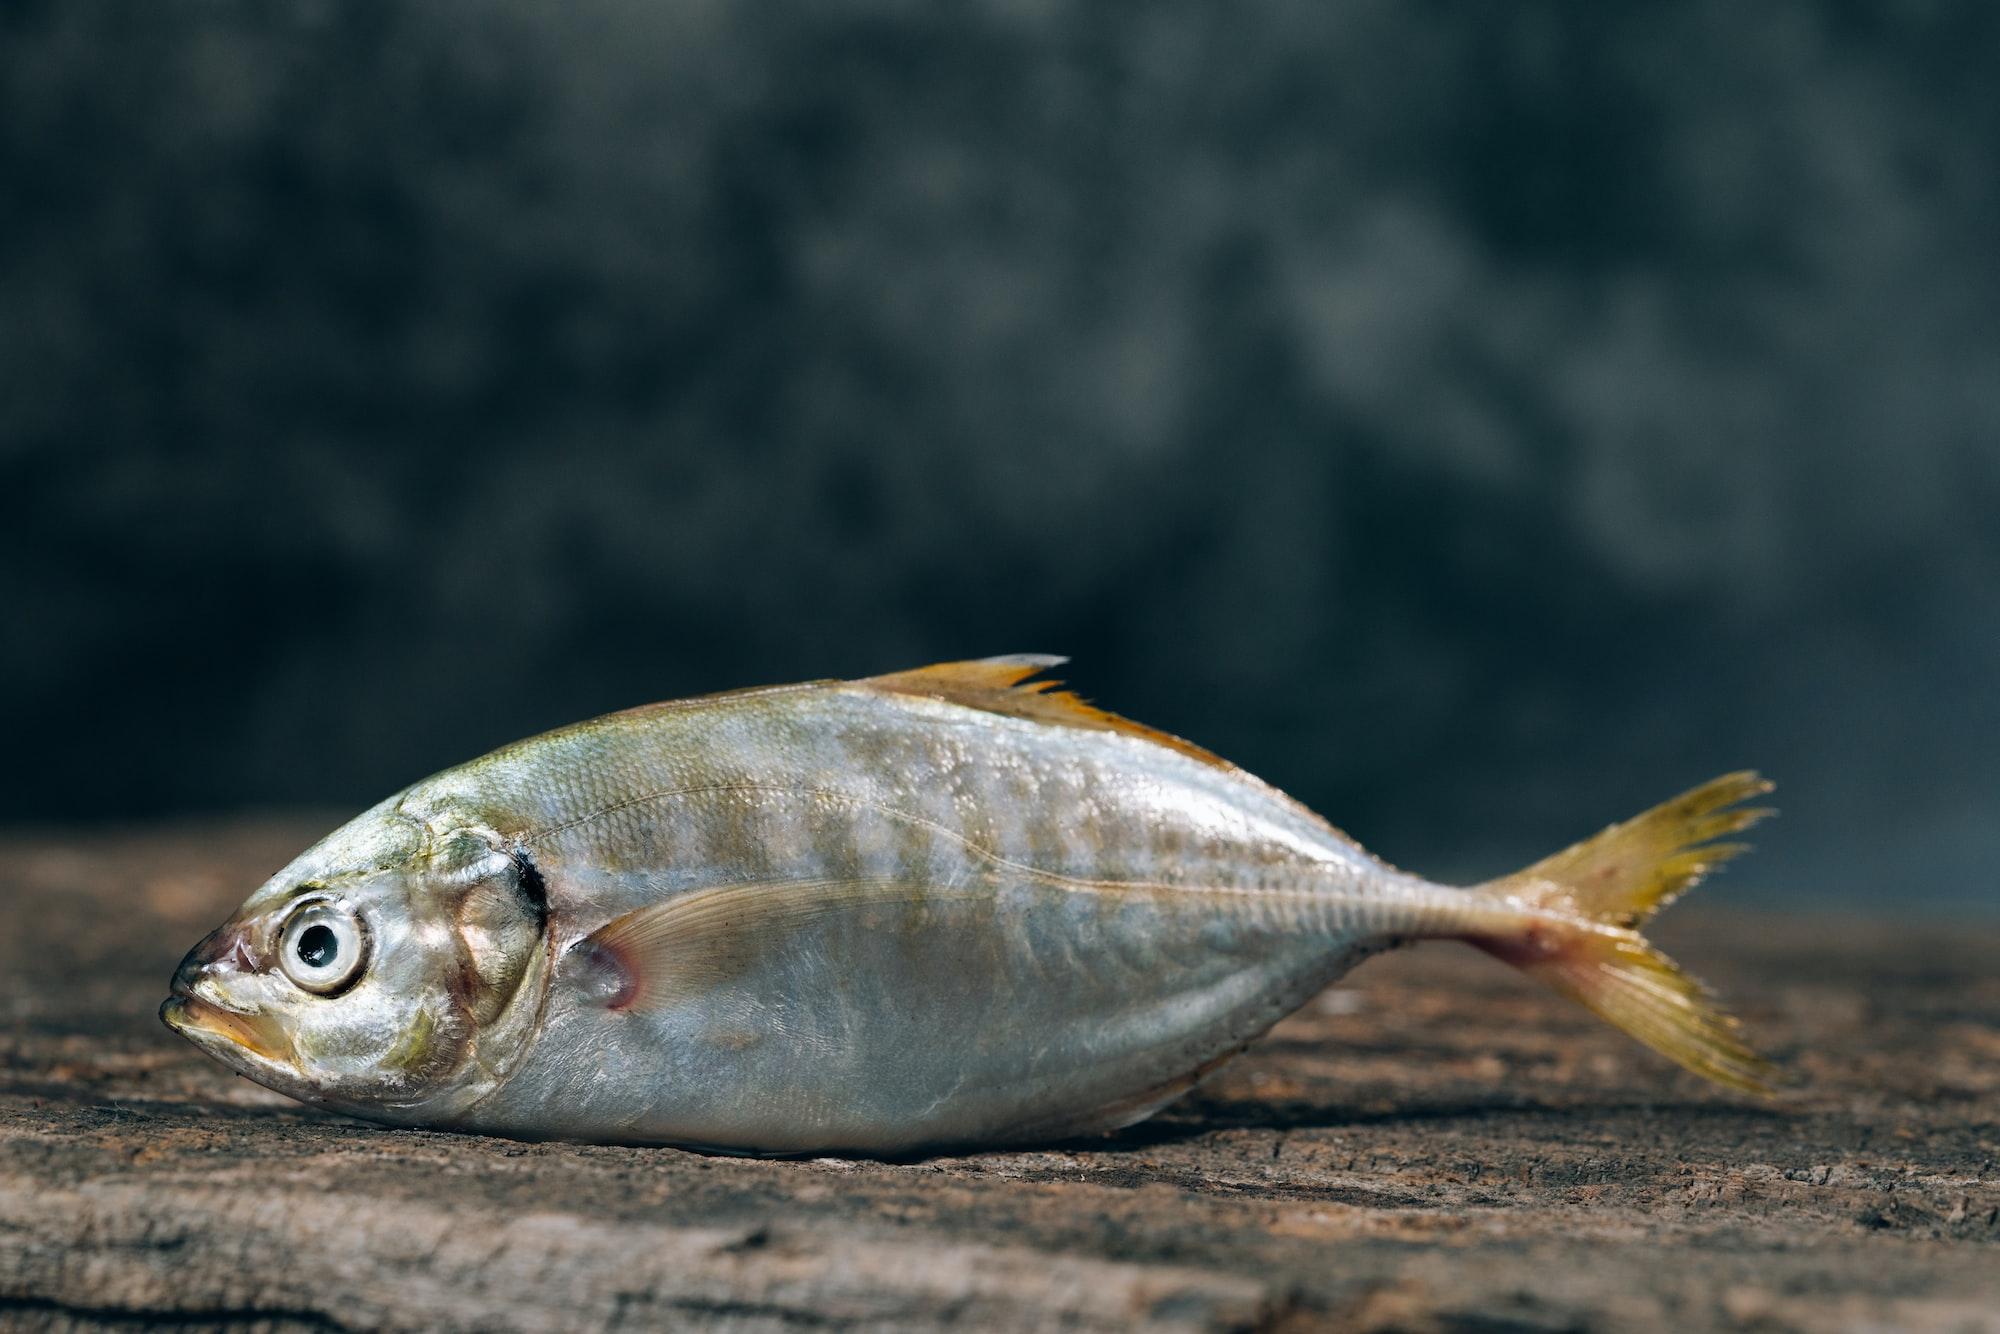 Lipsos Balığının Bir Diğer Adı Bulmaca Anlamı Nedir?